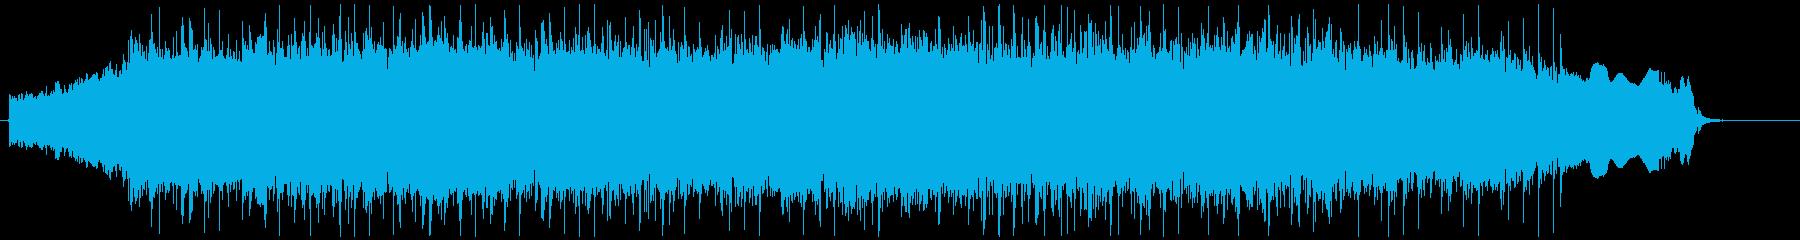 エモでラウドなギターロックの再生済みの波形